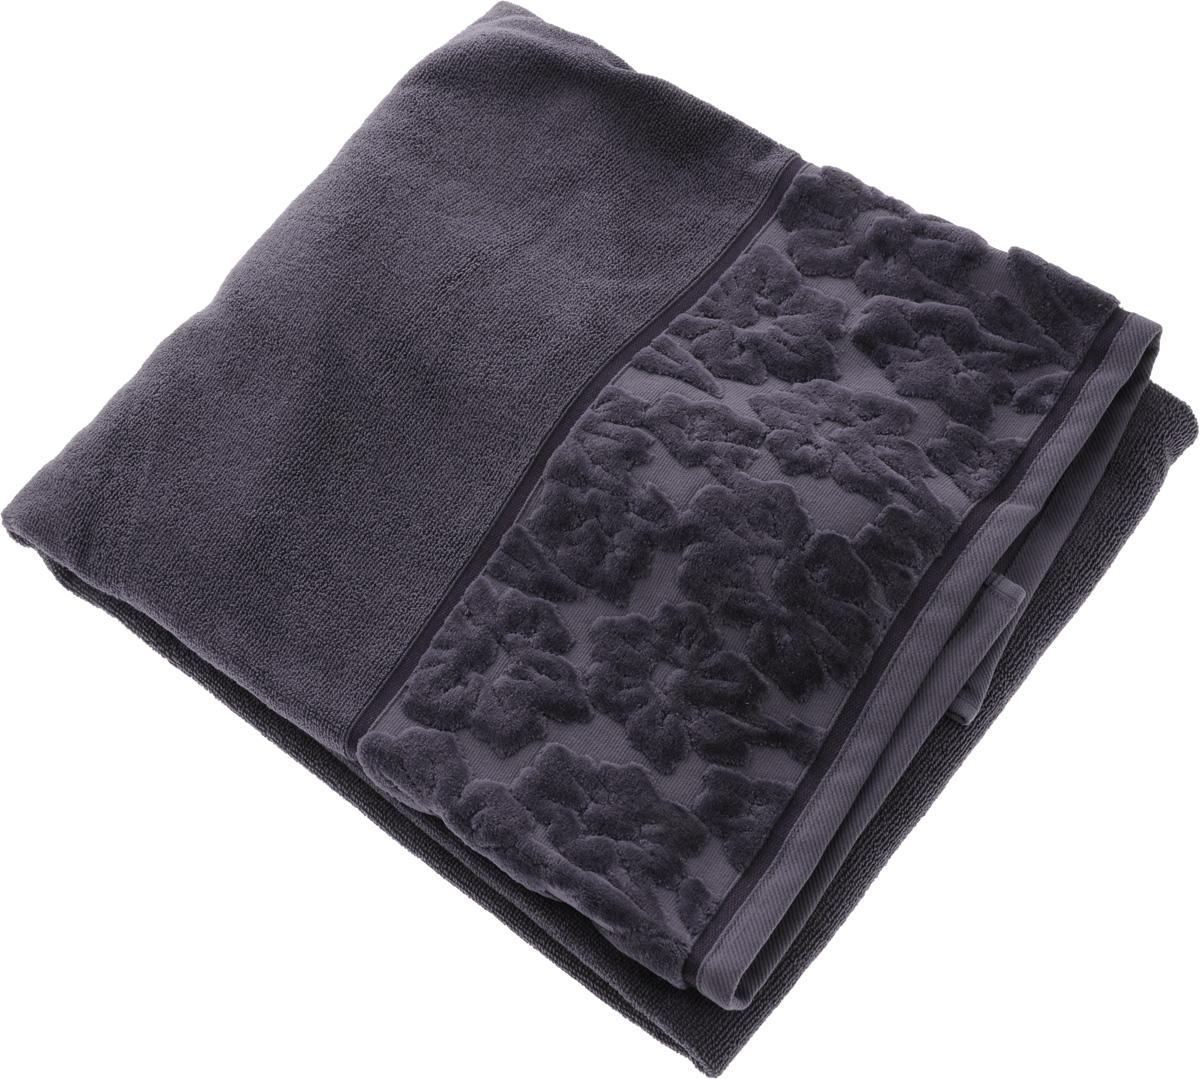 Полотенце махровое Issimo Home Jacquelyn, цвет: индиго, 90 x 150 см68/5/3Махровое полотенце Issimo Home Jacquelyn выполнено из 100% хлопка. Изделие отлично впитывает влагу, быстро сохнет, сохраняет яркость цвета и не теряет форму даже после многократных стирок. Полотенце очень практично и неприхотливо в уходе. Оно прекрасно дополнит интерьер ванной комнаты.